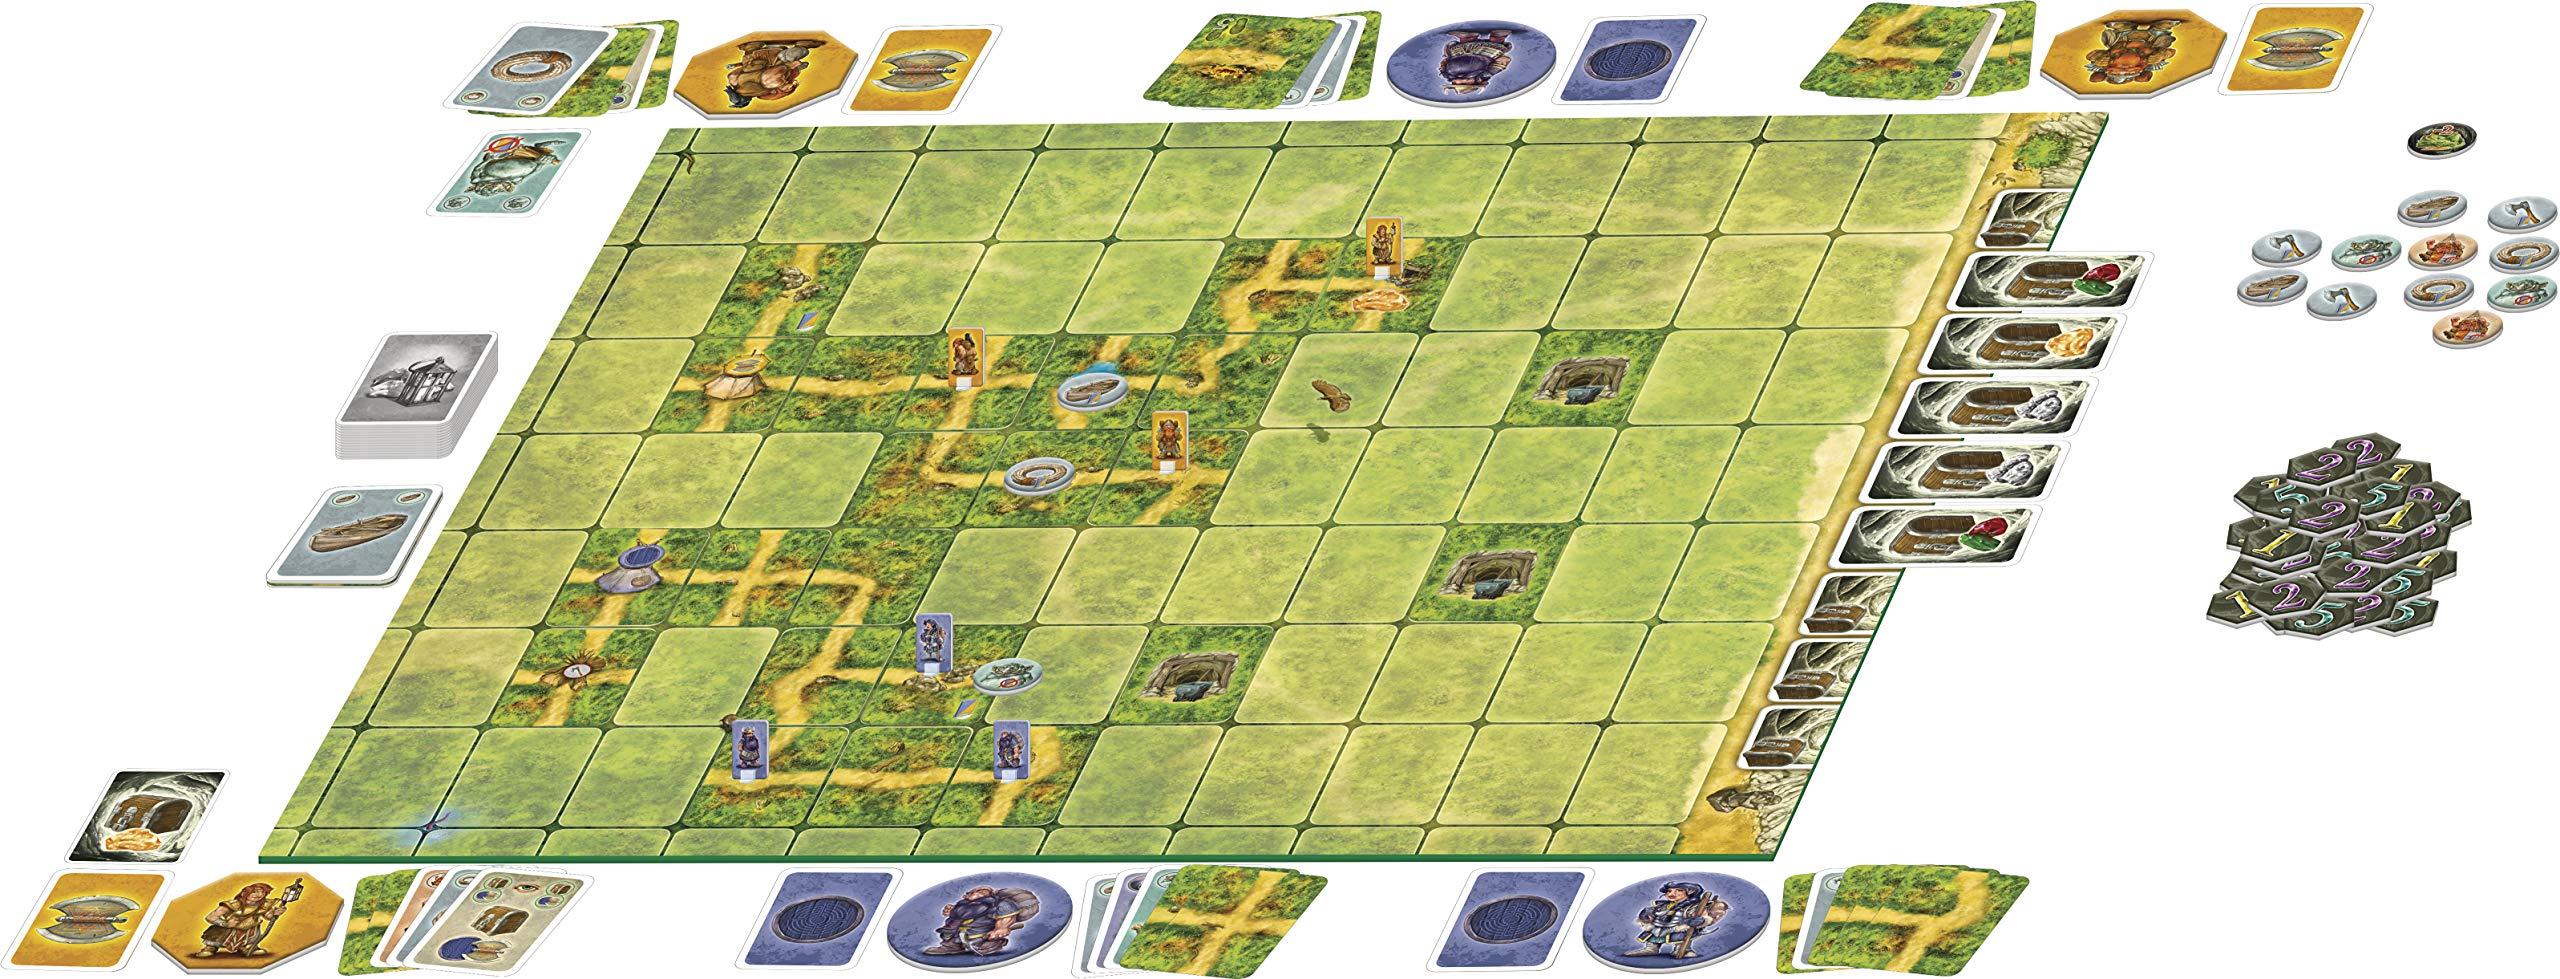 Saboteur - The Lost Mines: AMIGO - Familienspiel: Amazon.es: AMIGO Spiel Freizeit: Libros en idiomas extranjeros